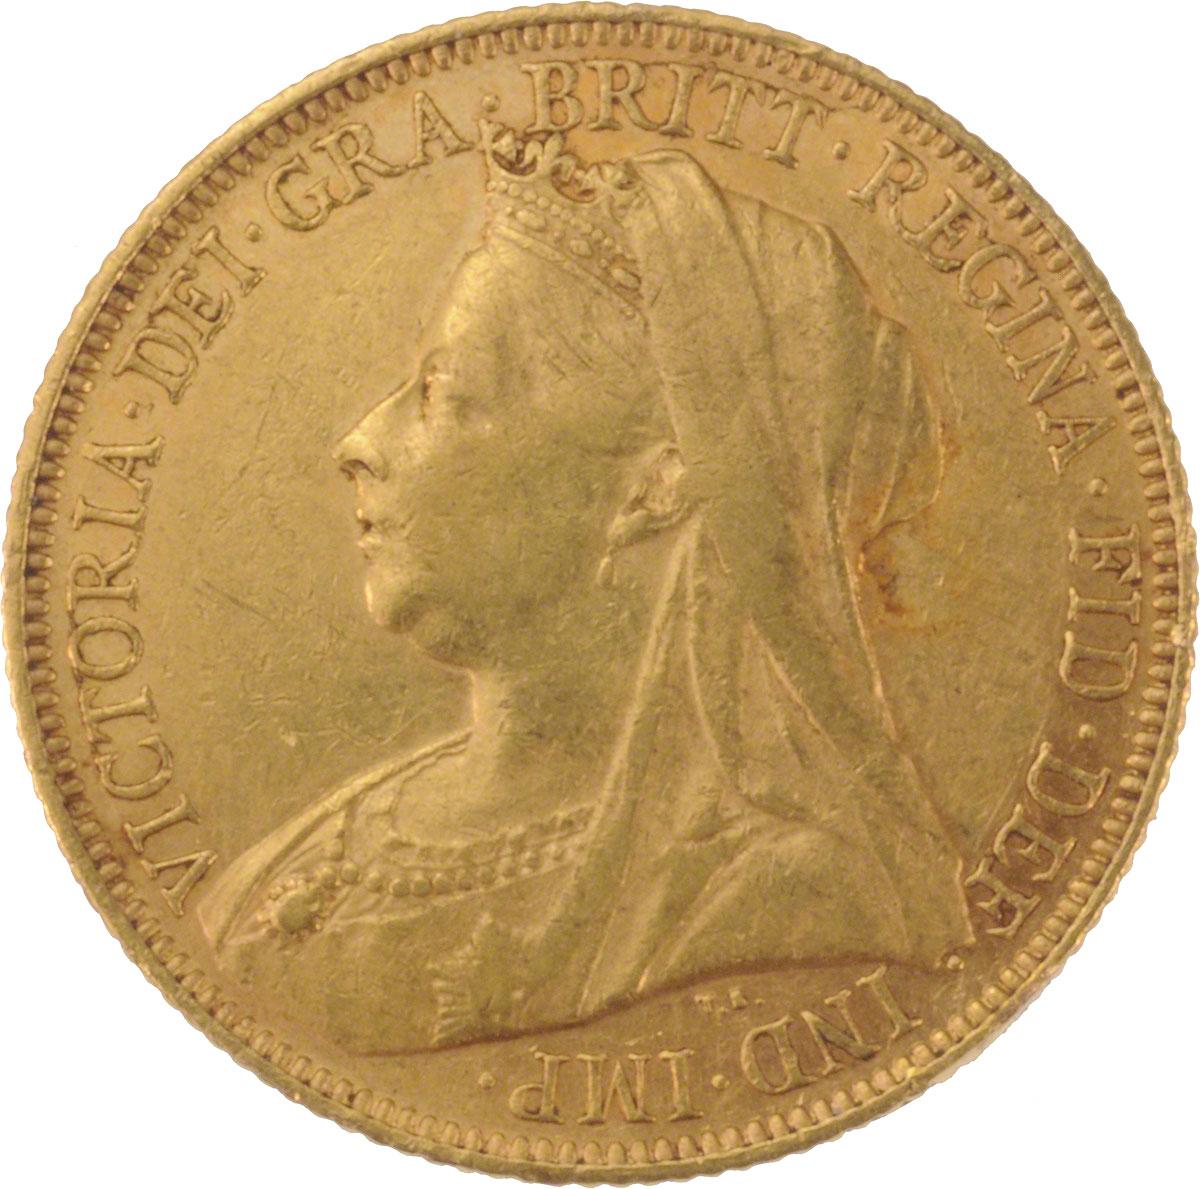 1901 Βικτώρια (Νομισματοκοπείο Σίδνεϊ)